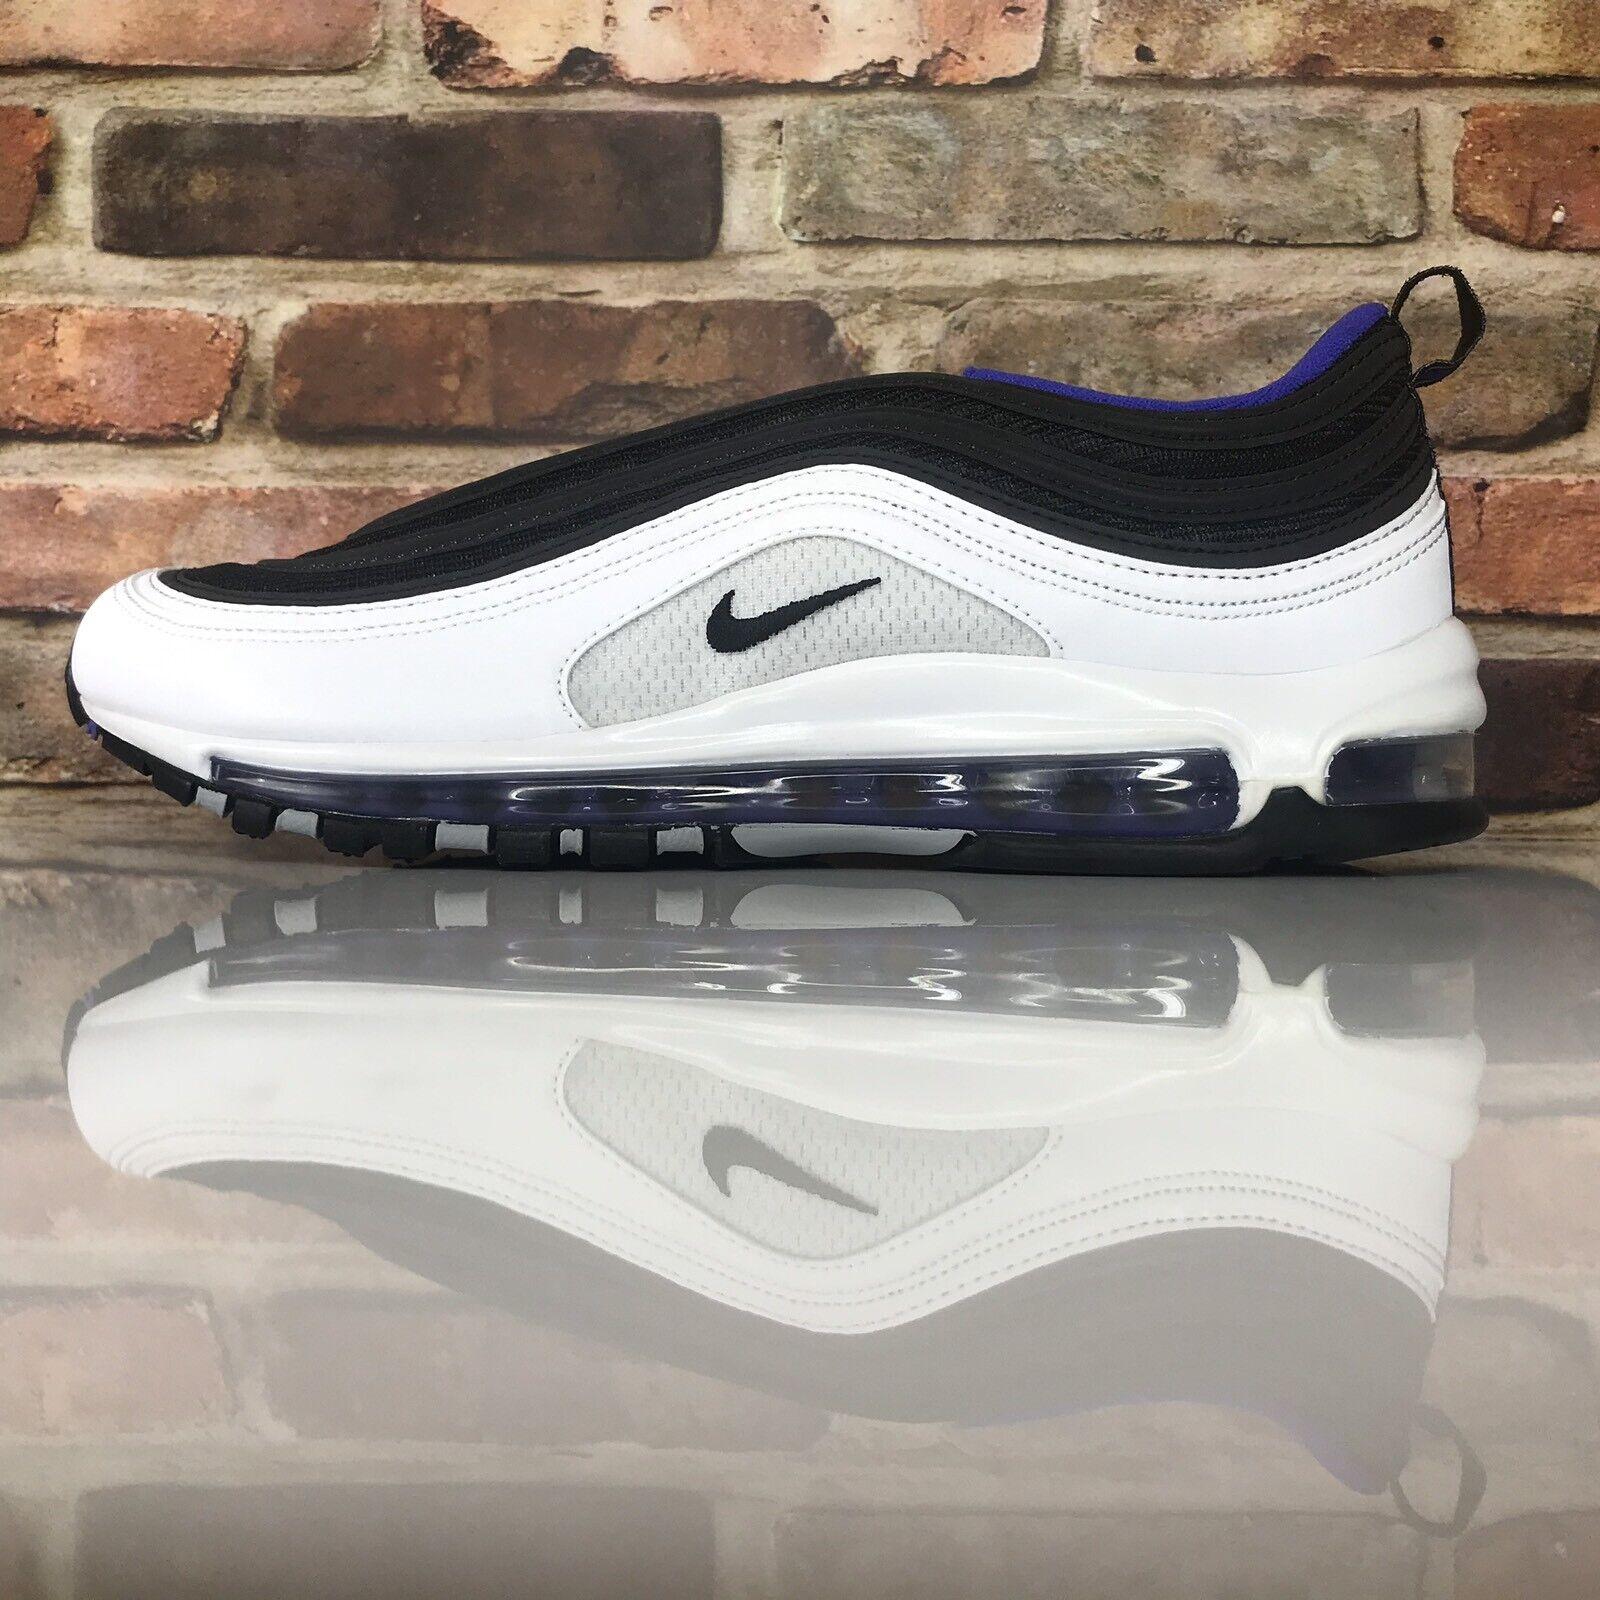 Nike Lila Herren Max 97 Lilat 8 Weiß 5 Persisch Air Sz Schwarz TrTtqpxPw